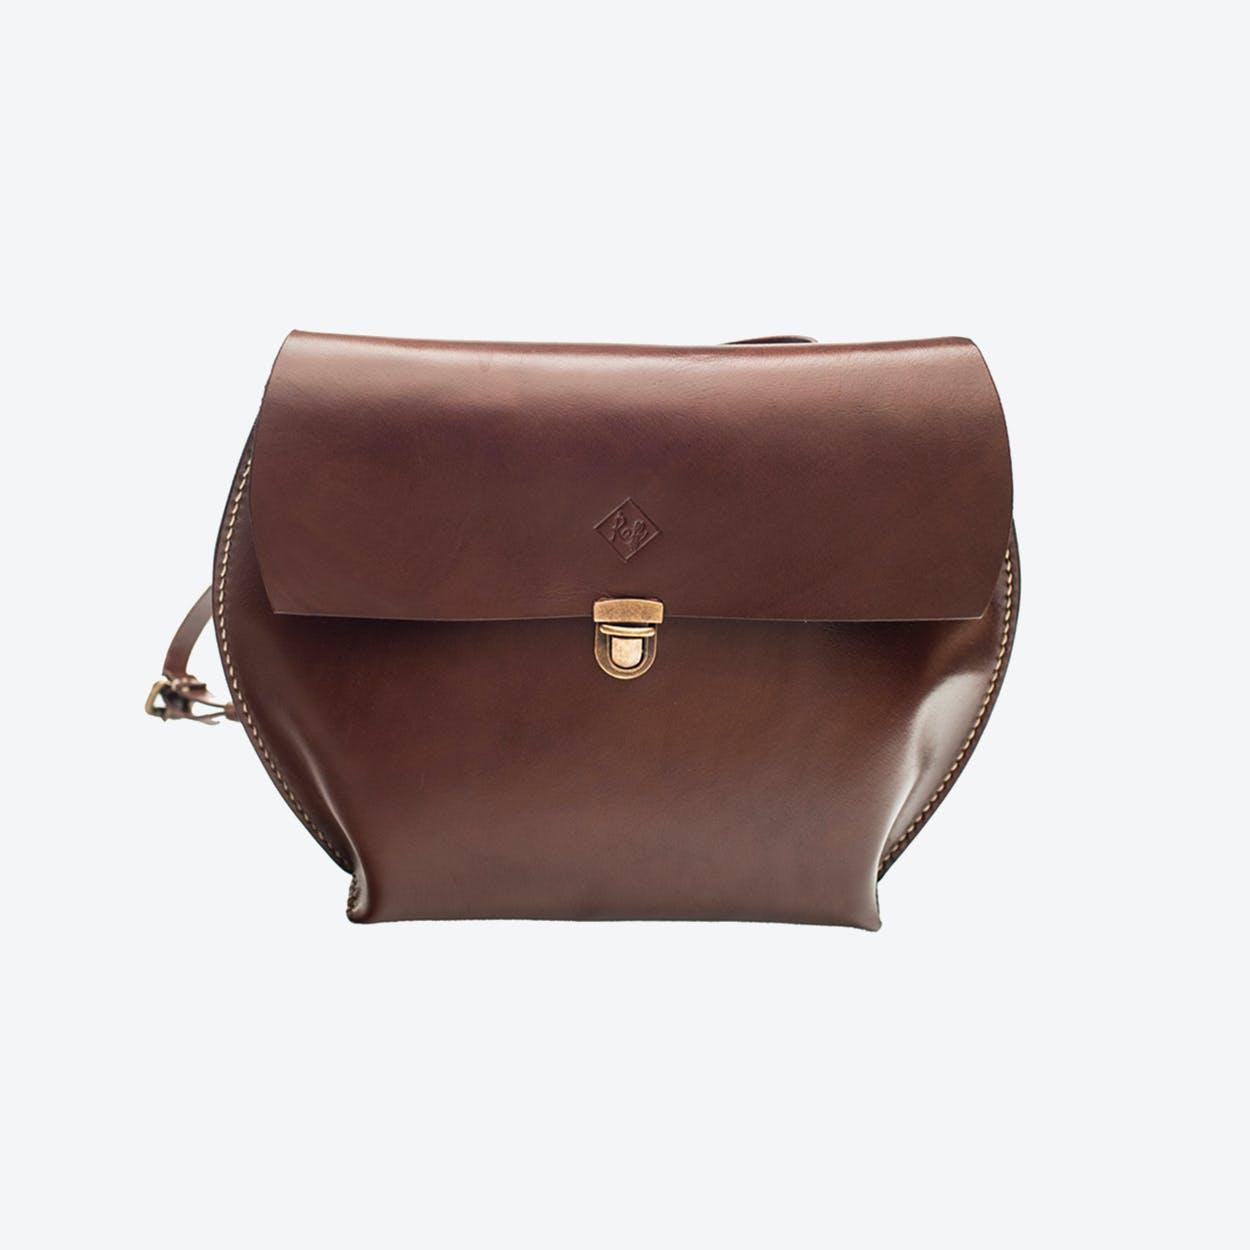 Hugo Backpack in Brown